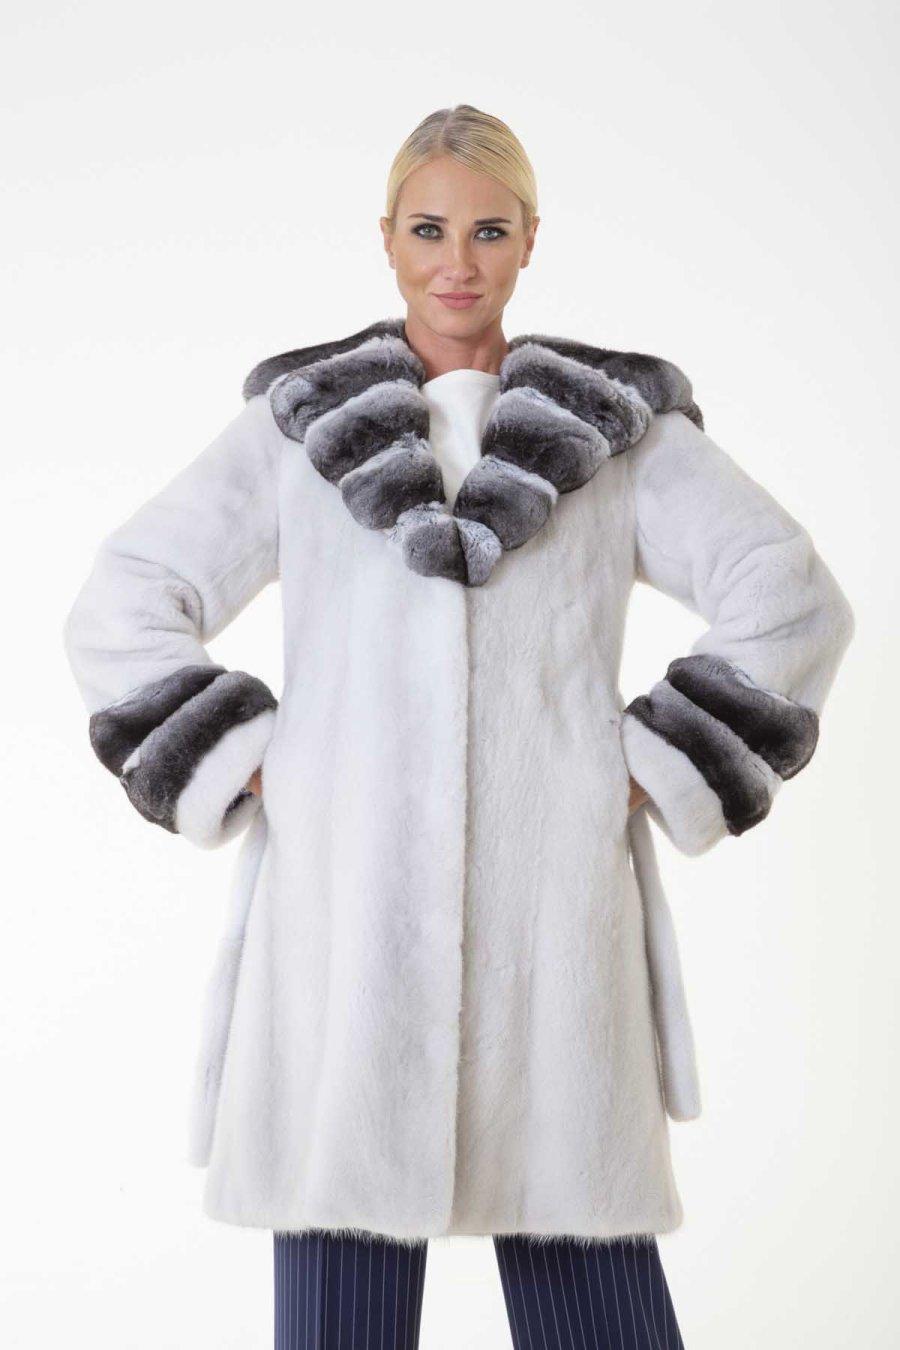 Aurora Violet Male Mink Jacket with Hood | Sarigianni Furs